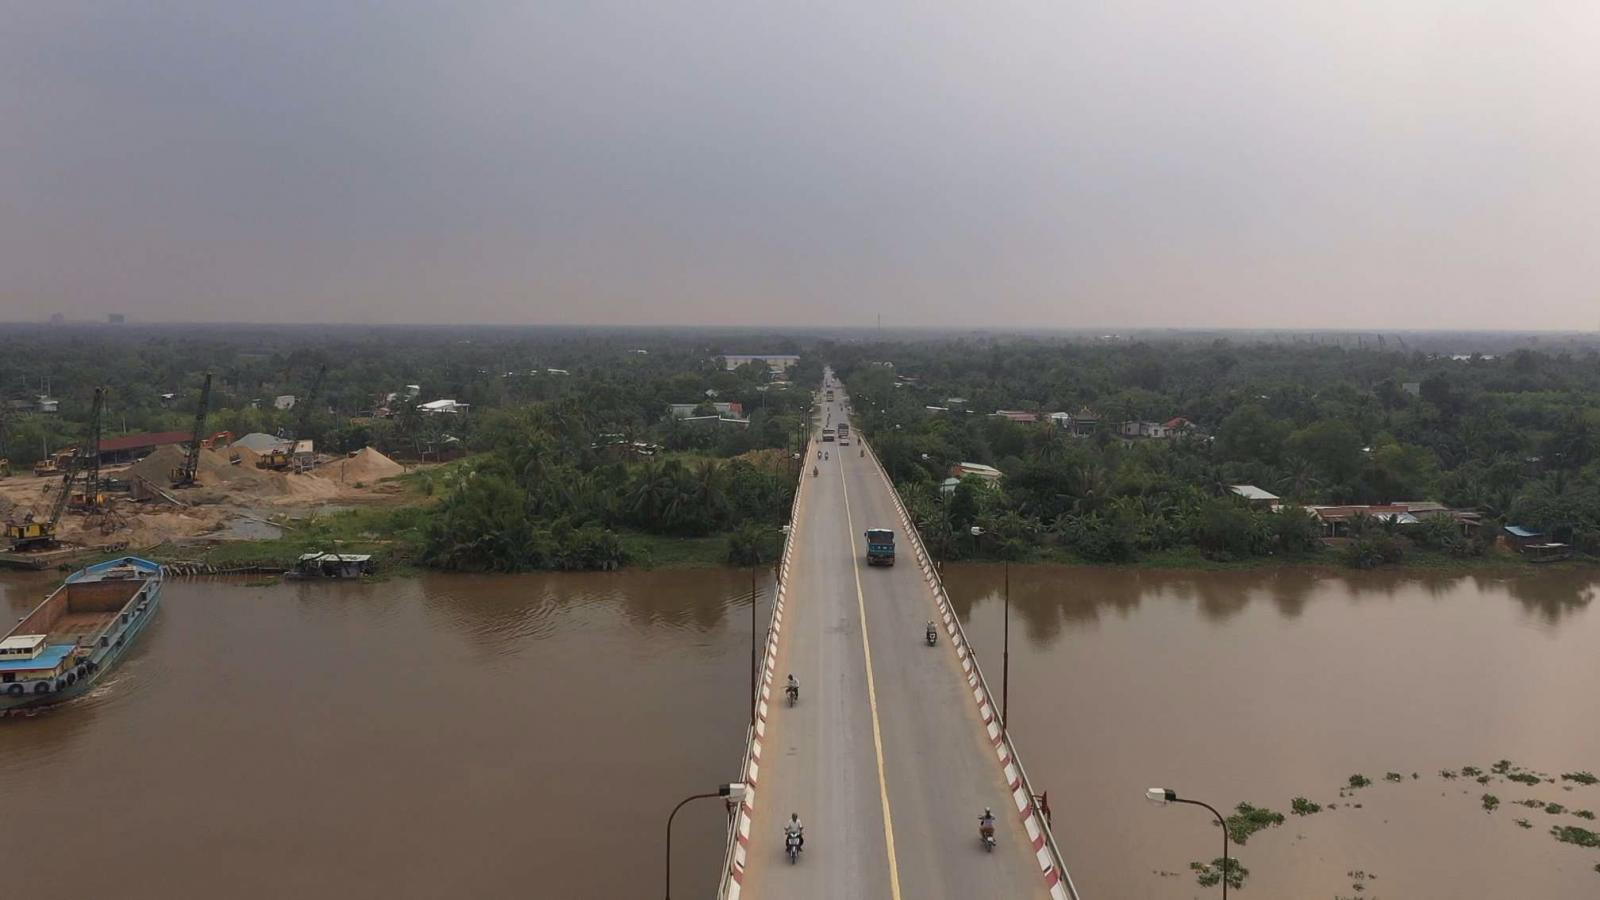 Hình ảnh một cây cầu bắc qua sông, phía bên kia sông là khu dân cư với nhiều cây xanh